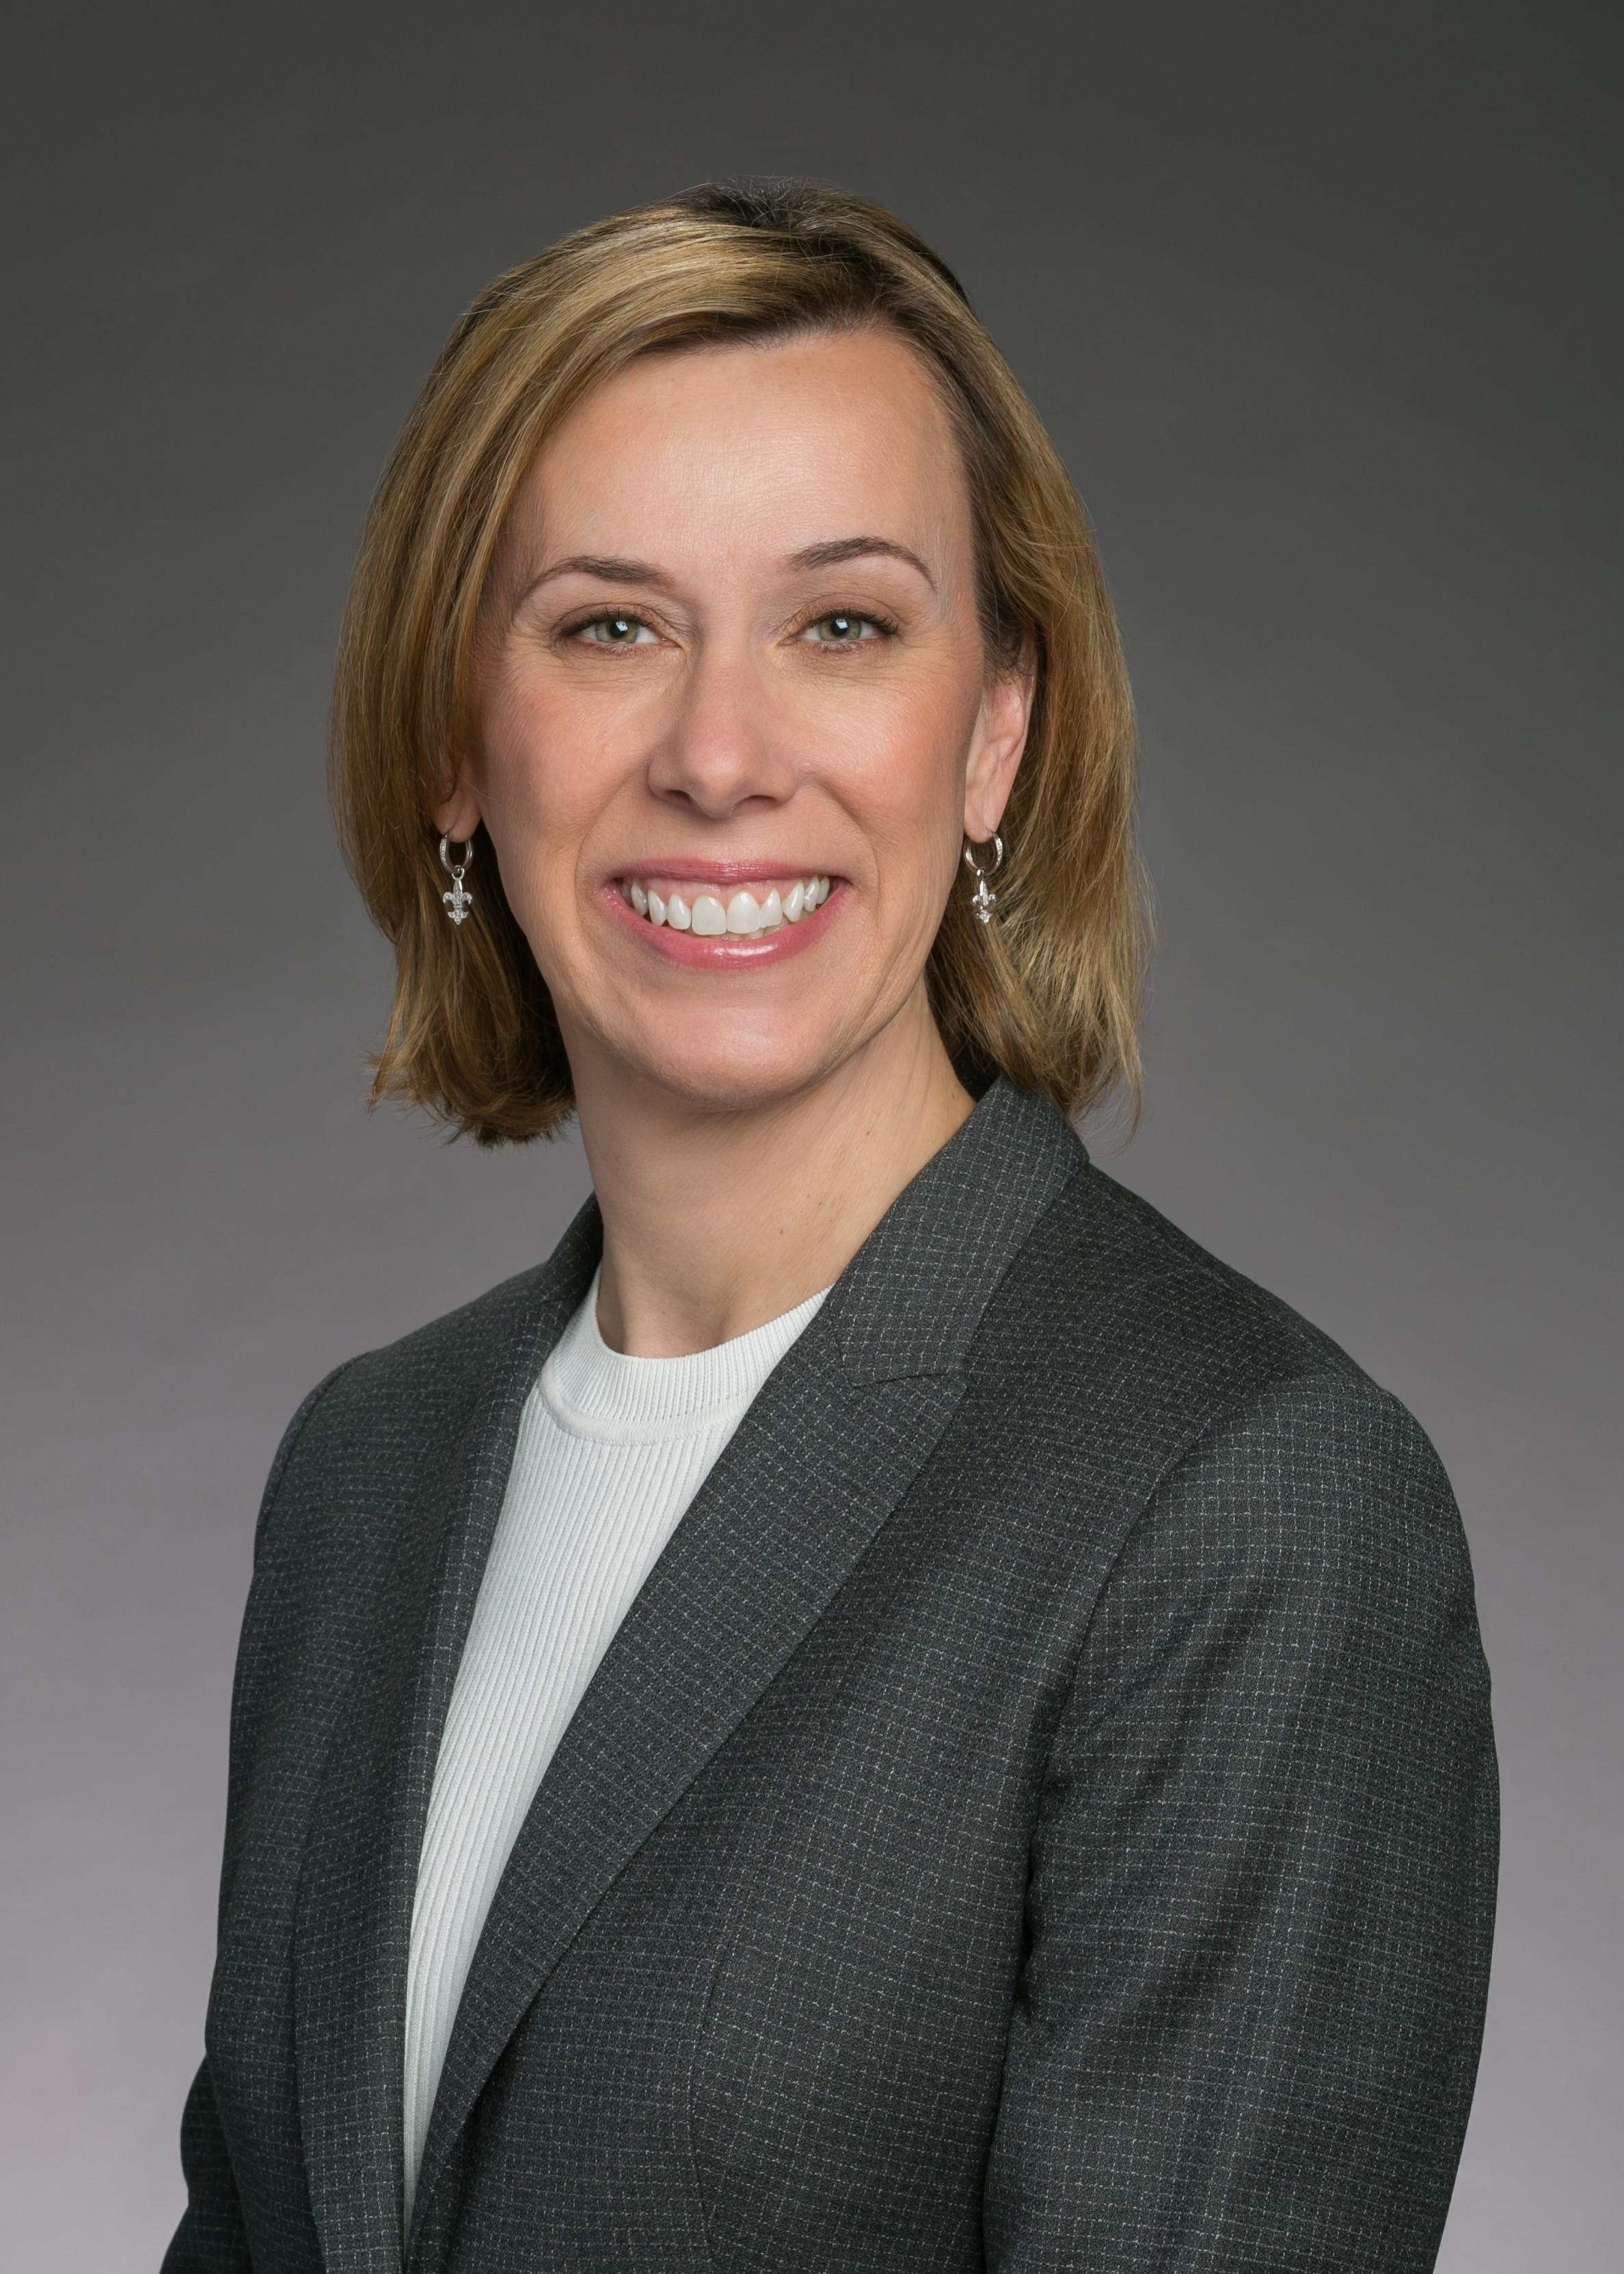 ARCS Phoenix Chapter President Jill Bray